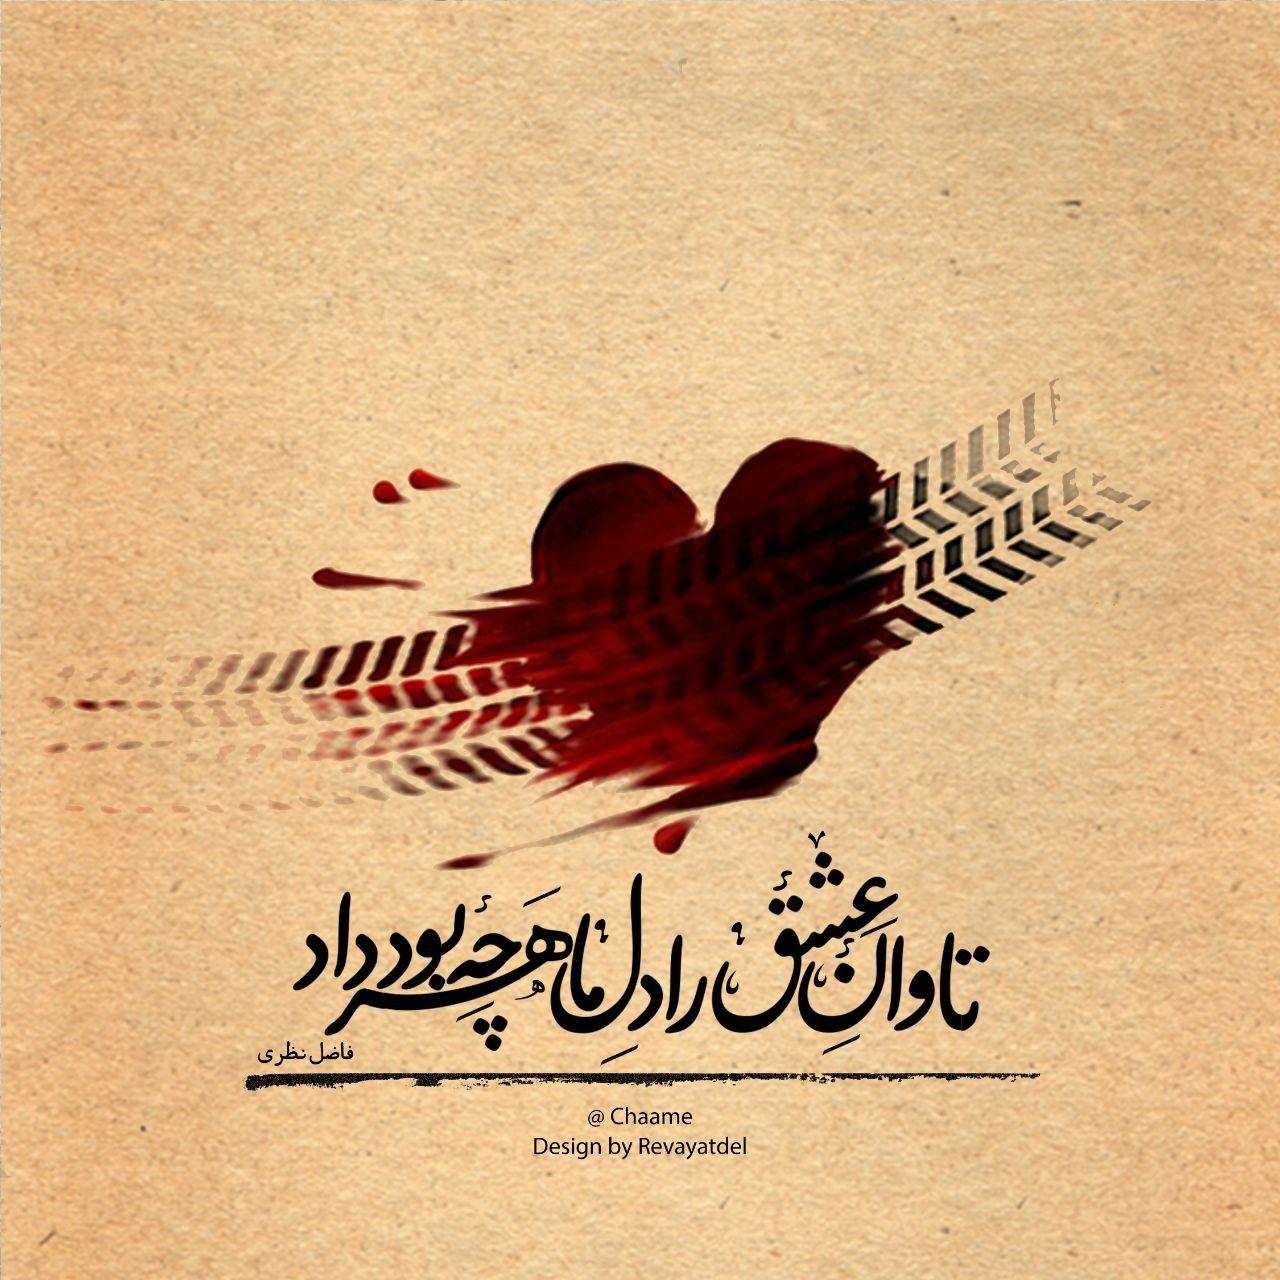 تاوان عشق را دل ما هر چه بود داد چشم انتظار باش در اين ماجرا تو هم فاضل نظري Farsi Poem Persian Poetry Prayer Stories